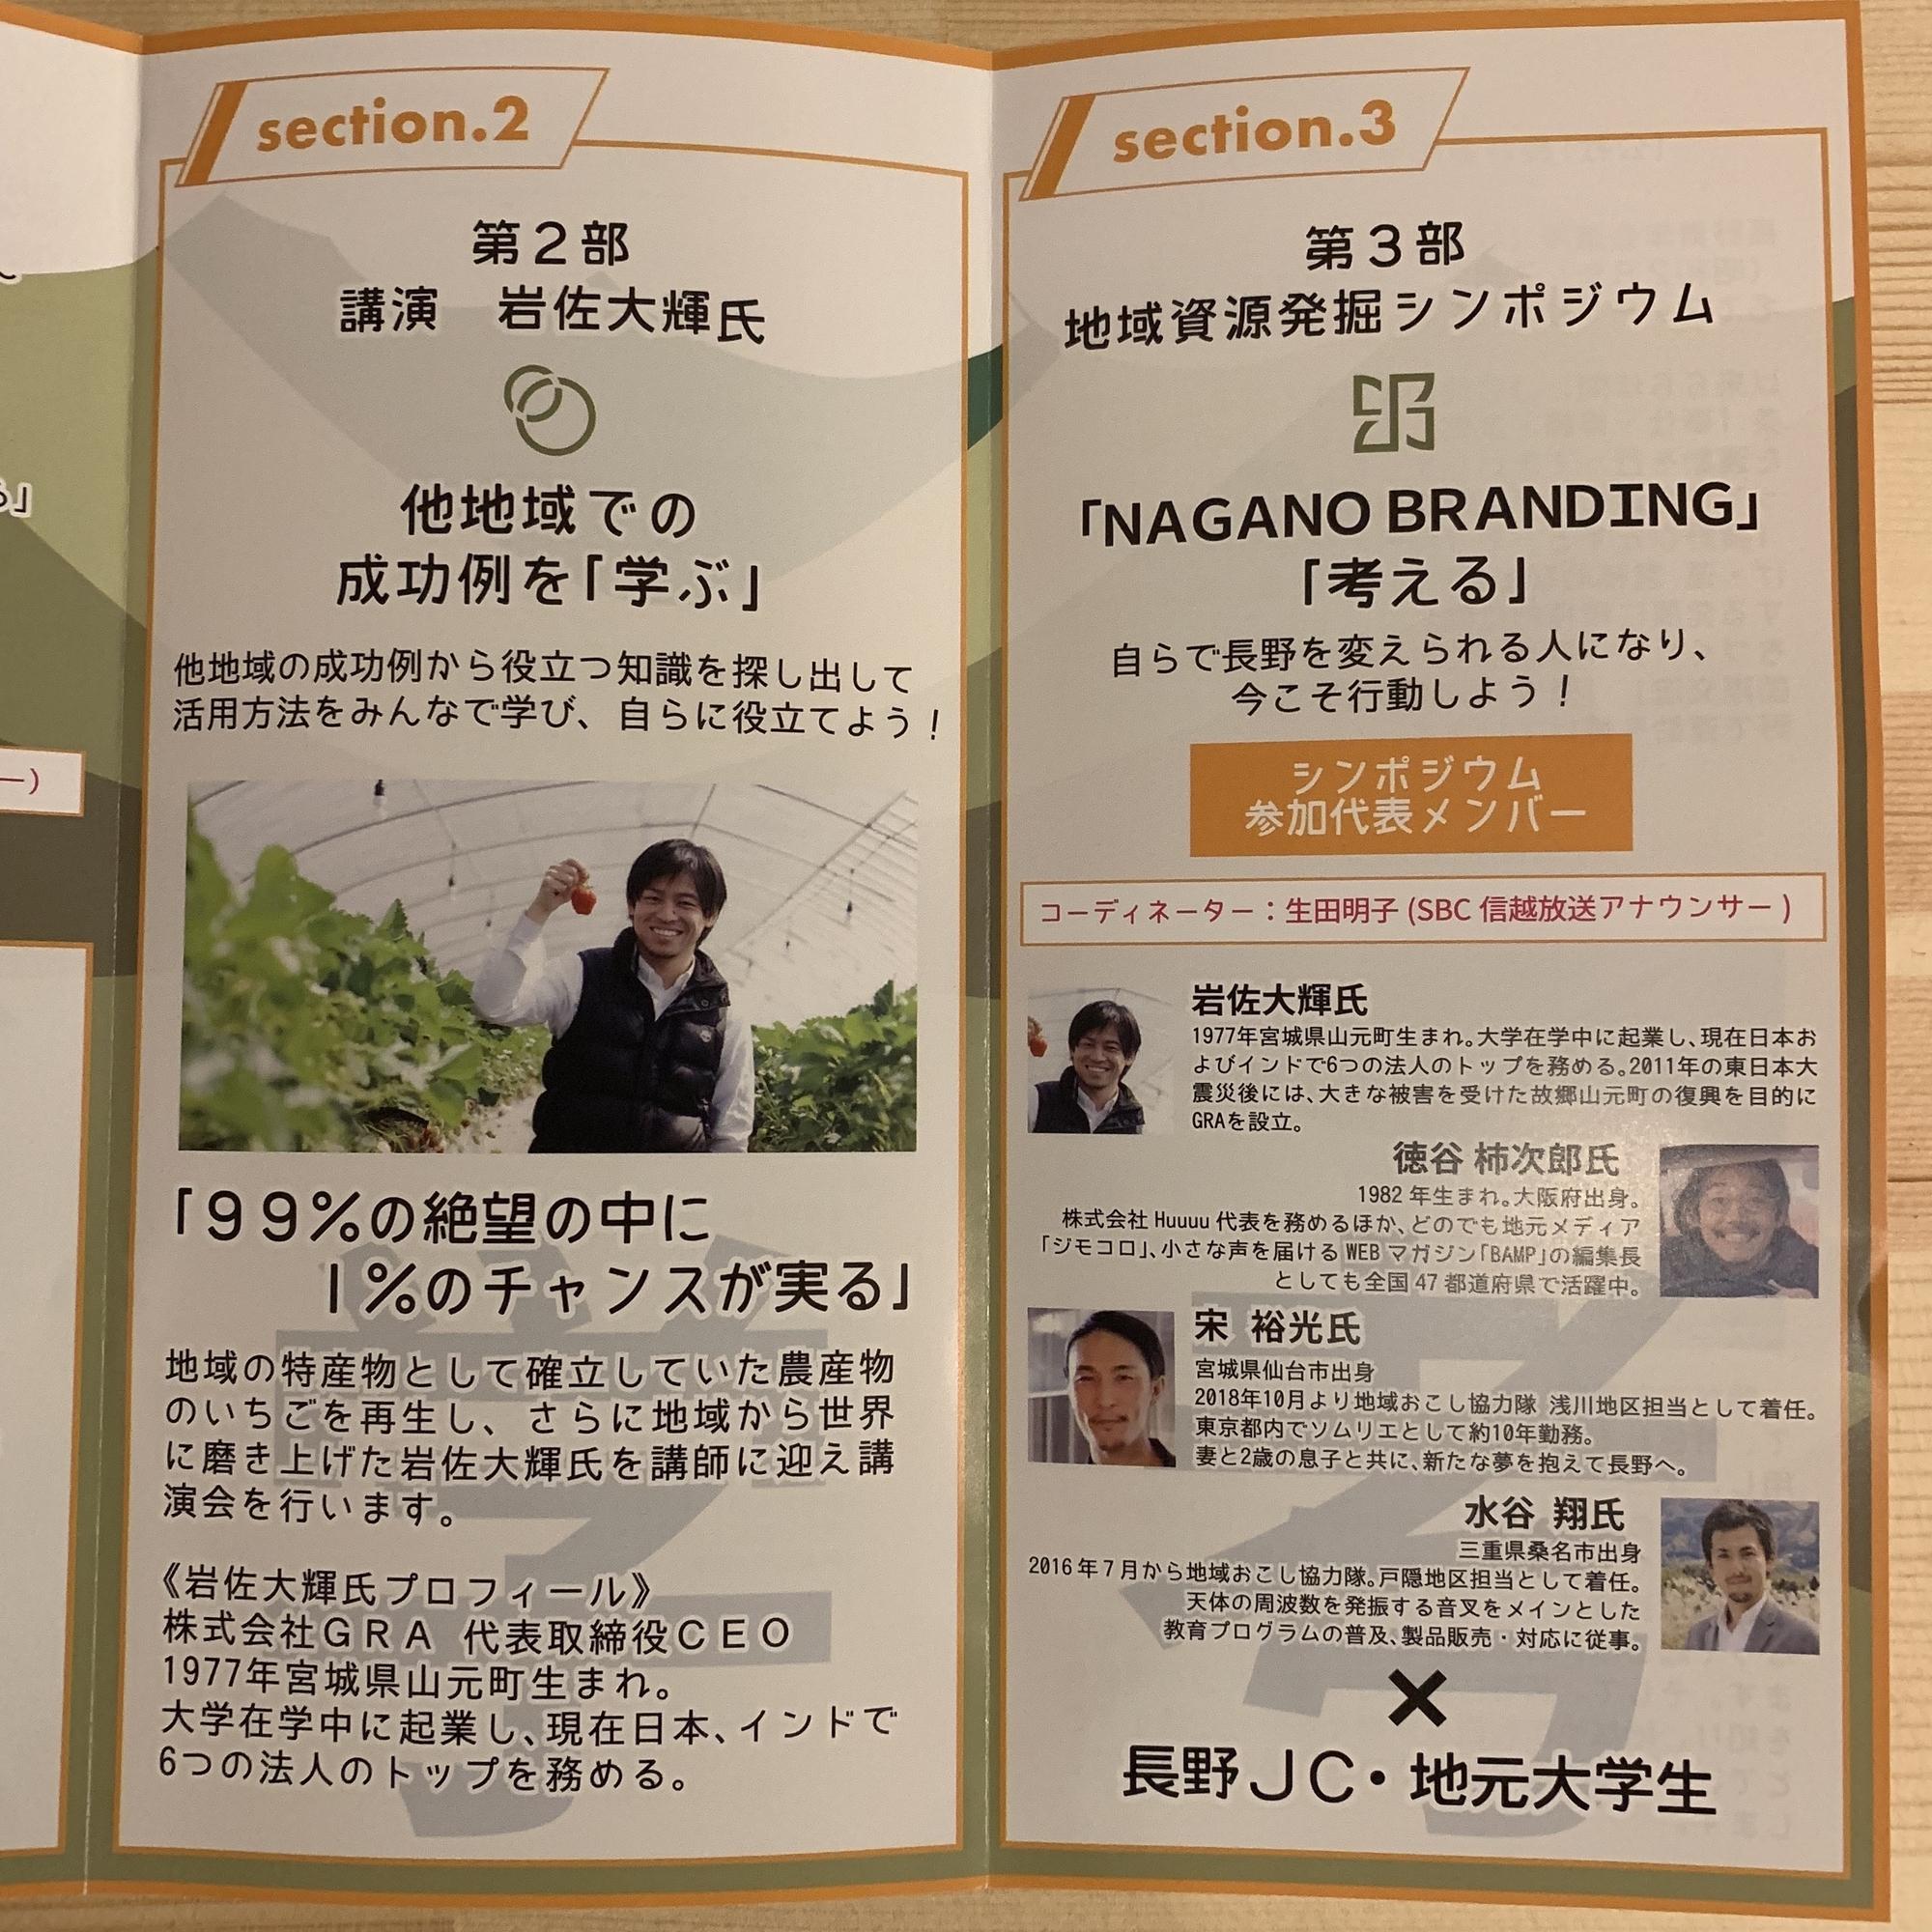 f:id:kakijiro:20190315012007j:plain